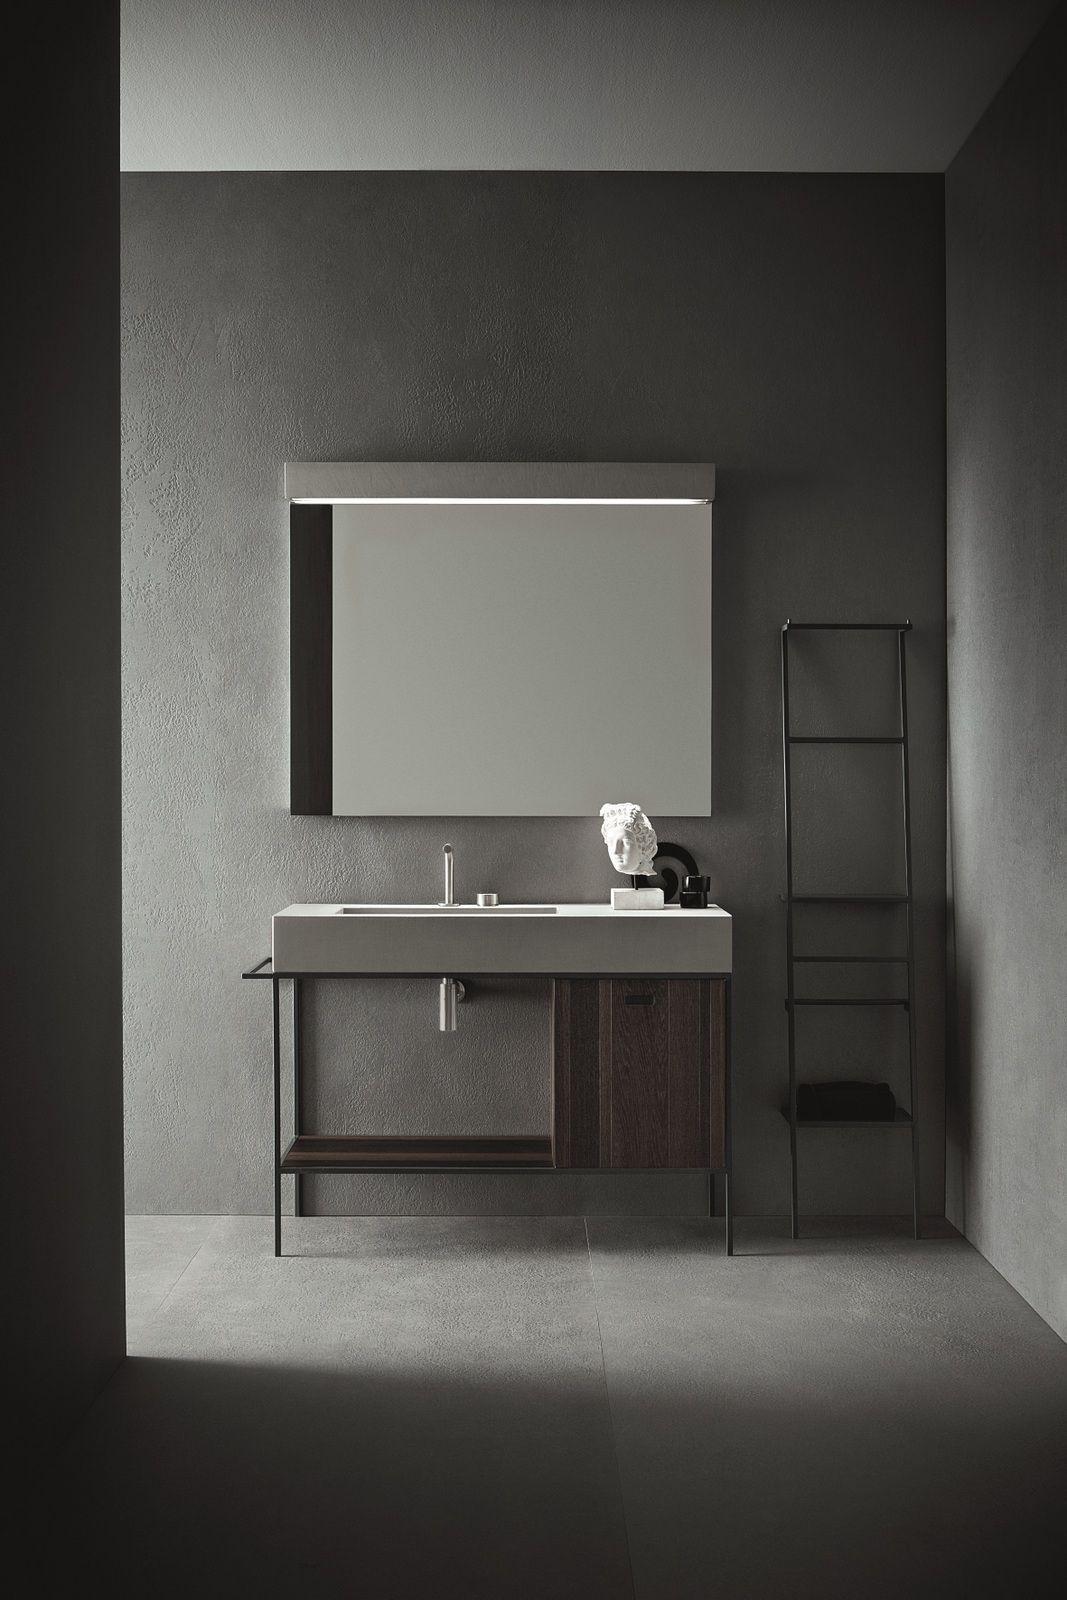 Arredo bagno completo CRAFT - COMPOSIZIONE N03 by NOVELLO design ...